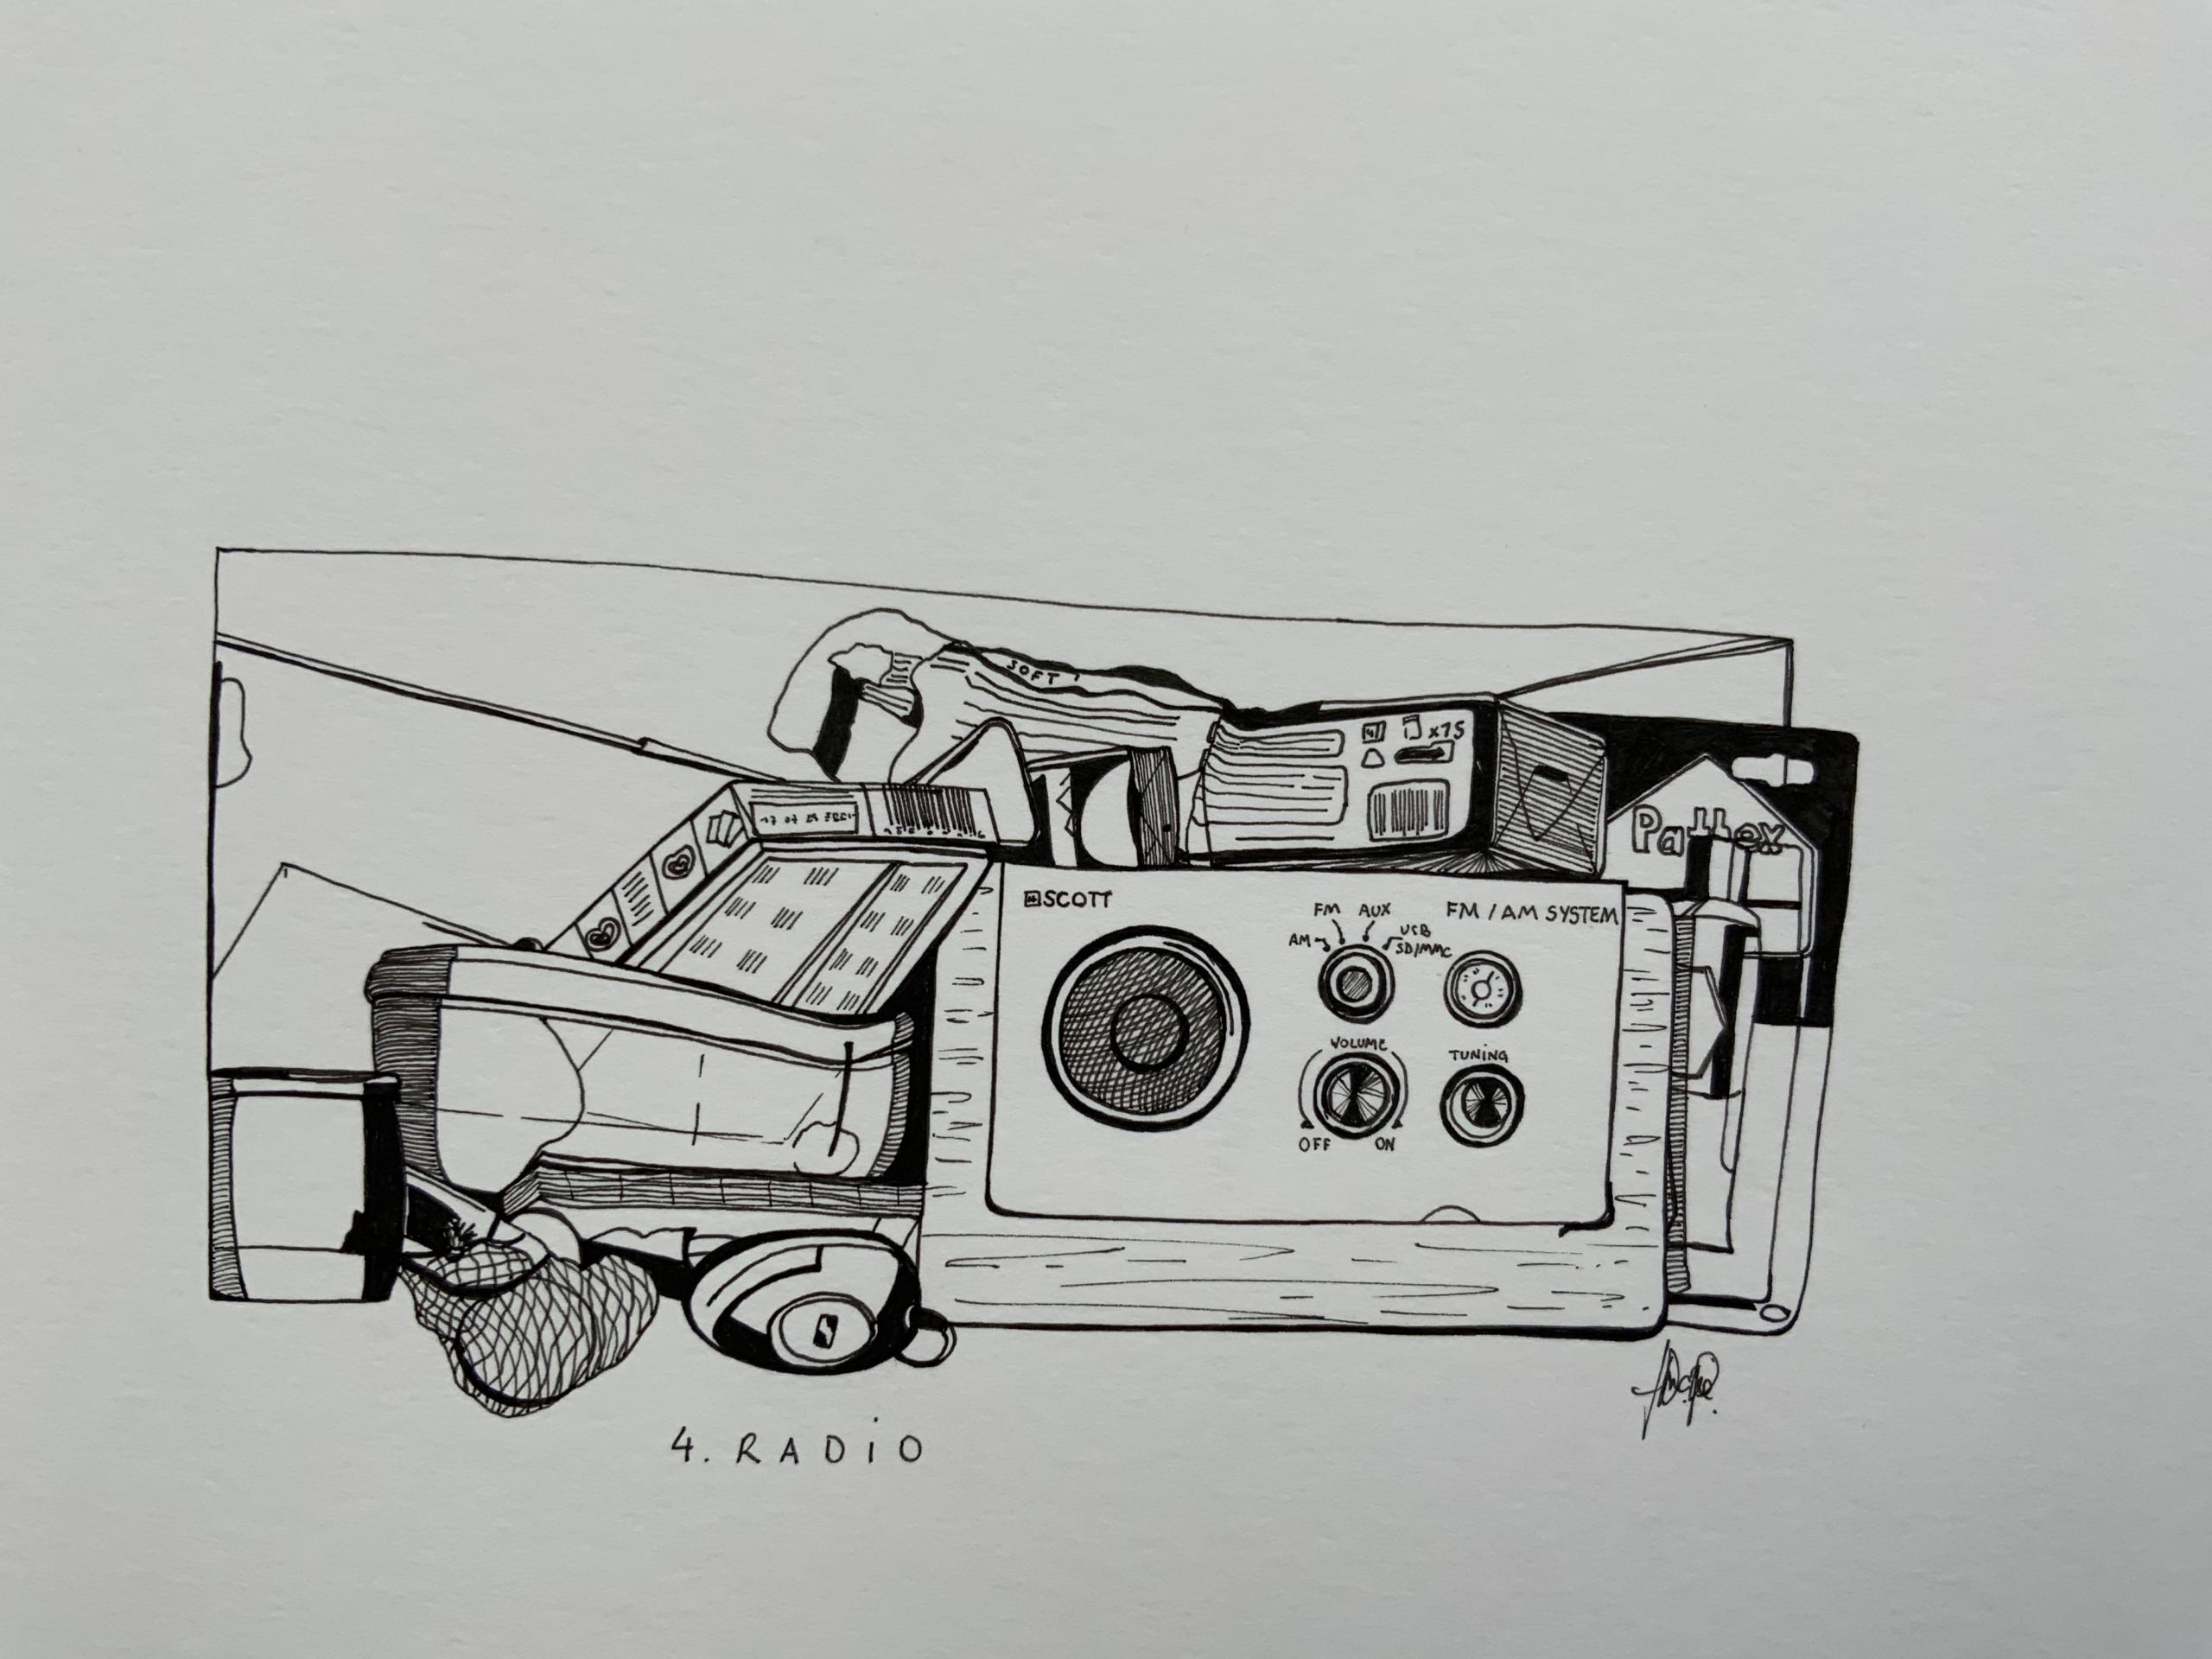 #4 Radio